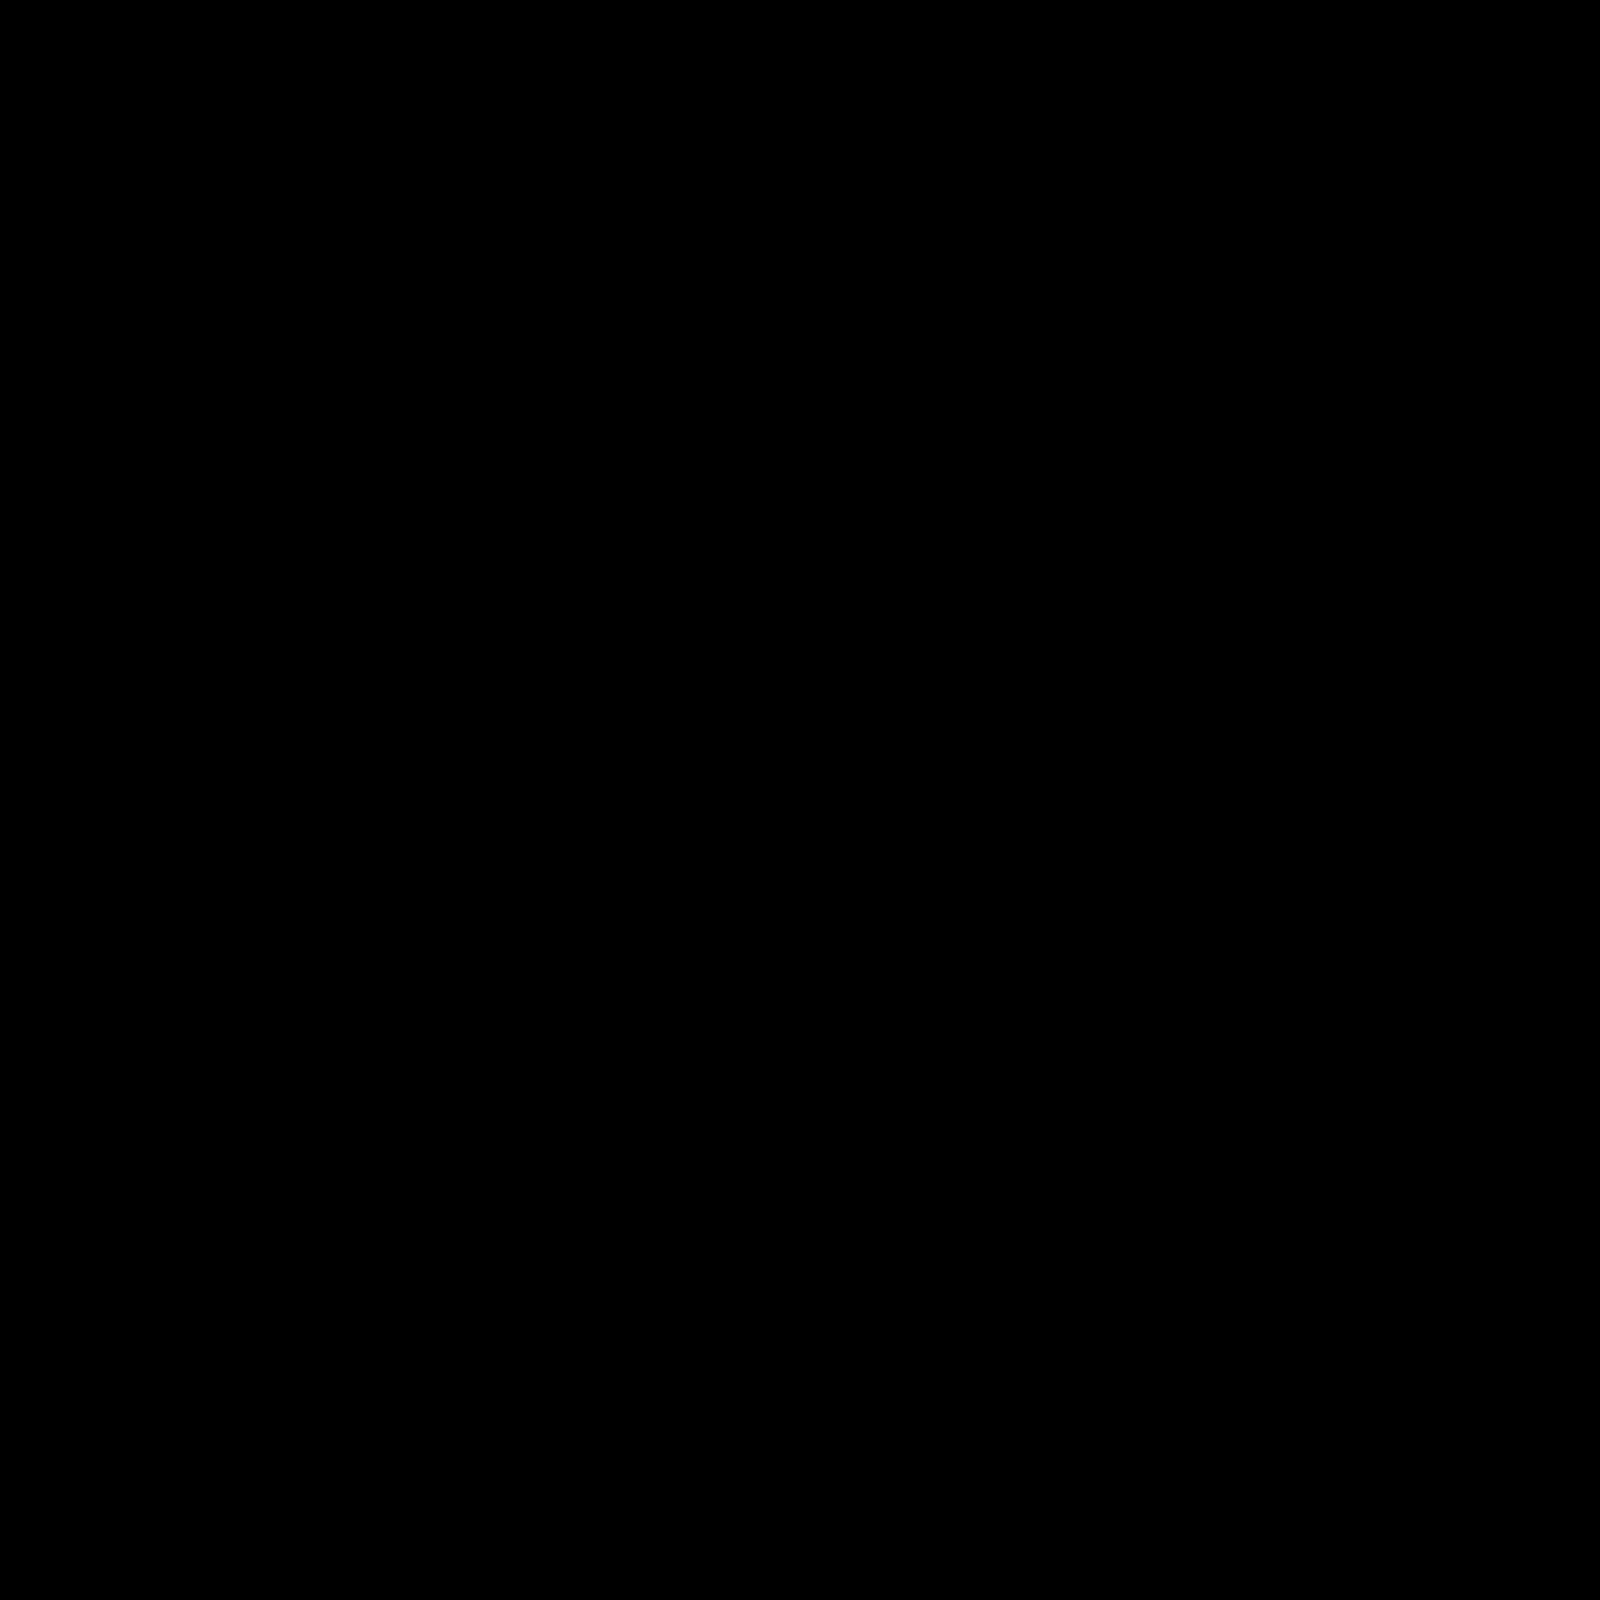 No Synchronize icon